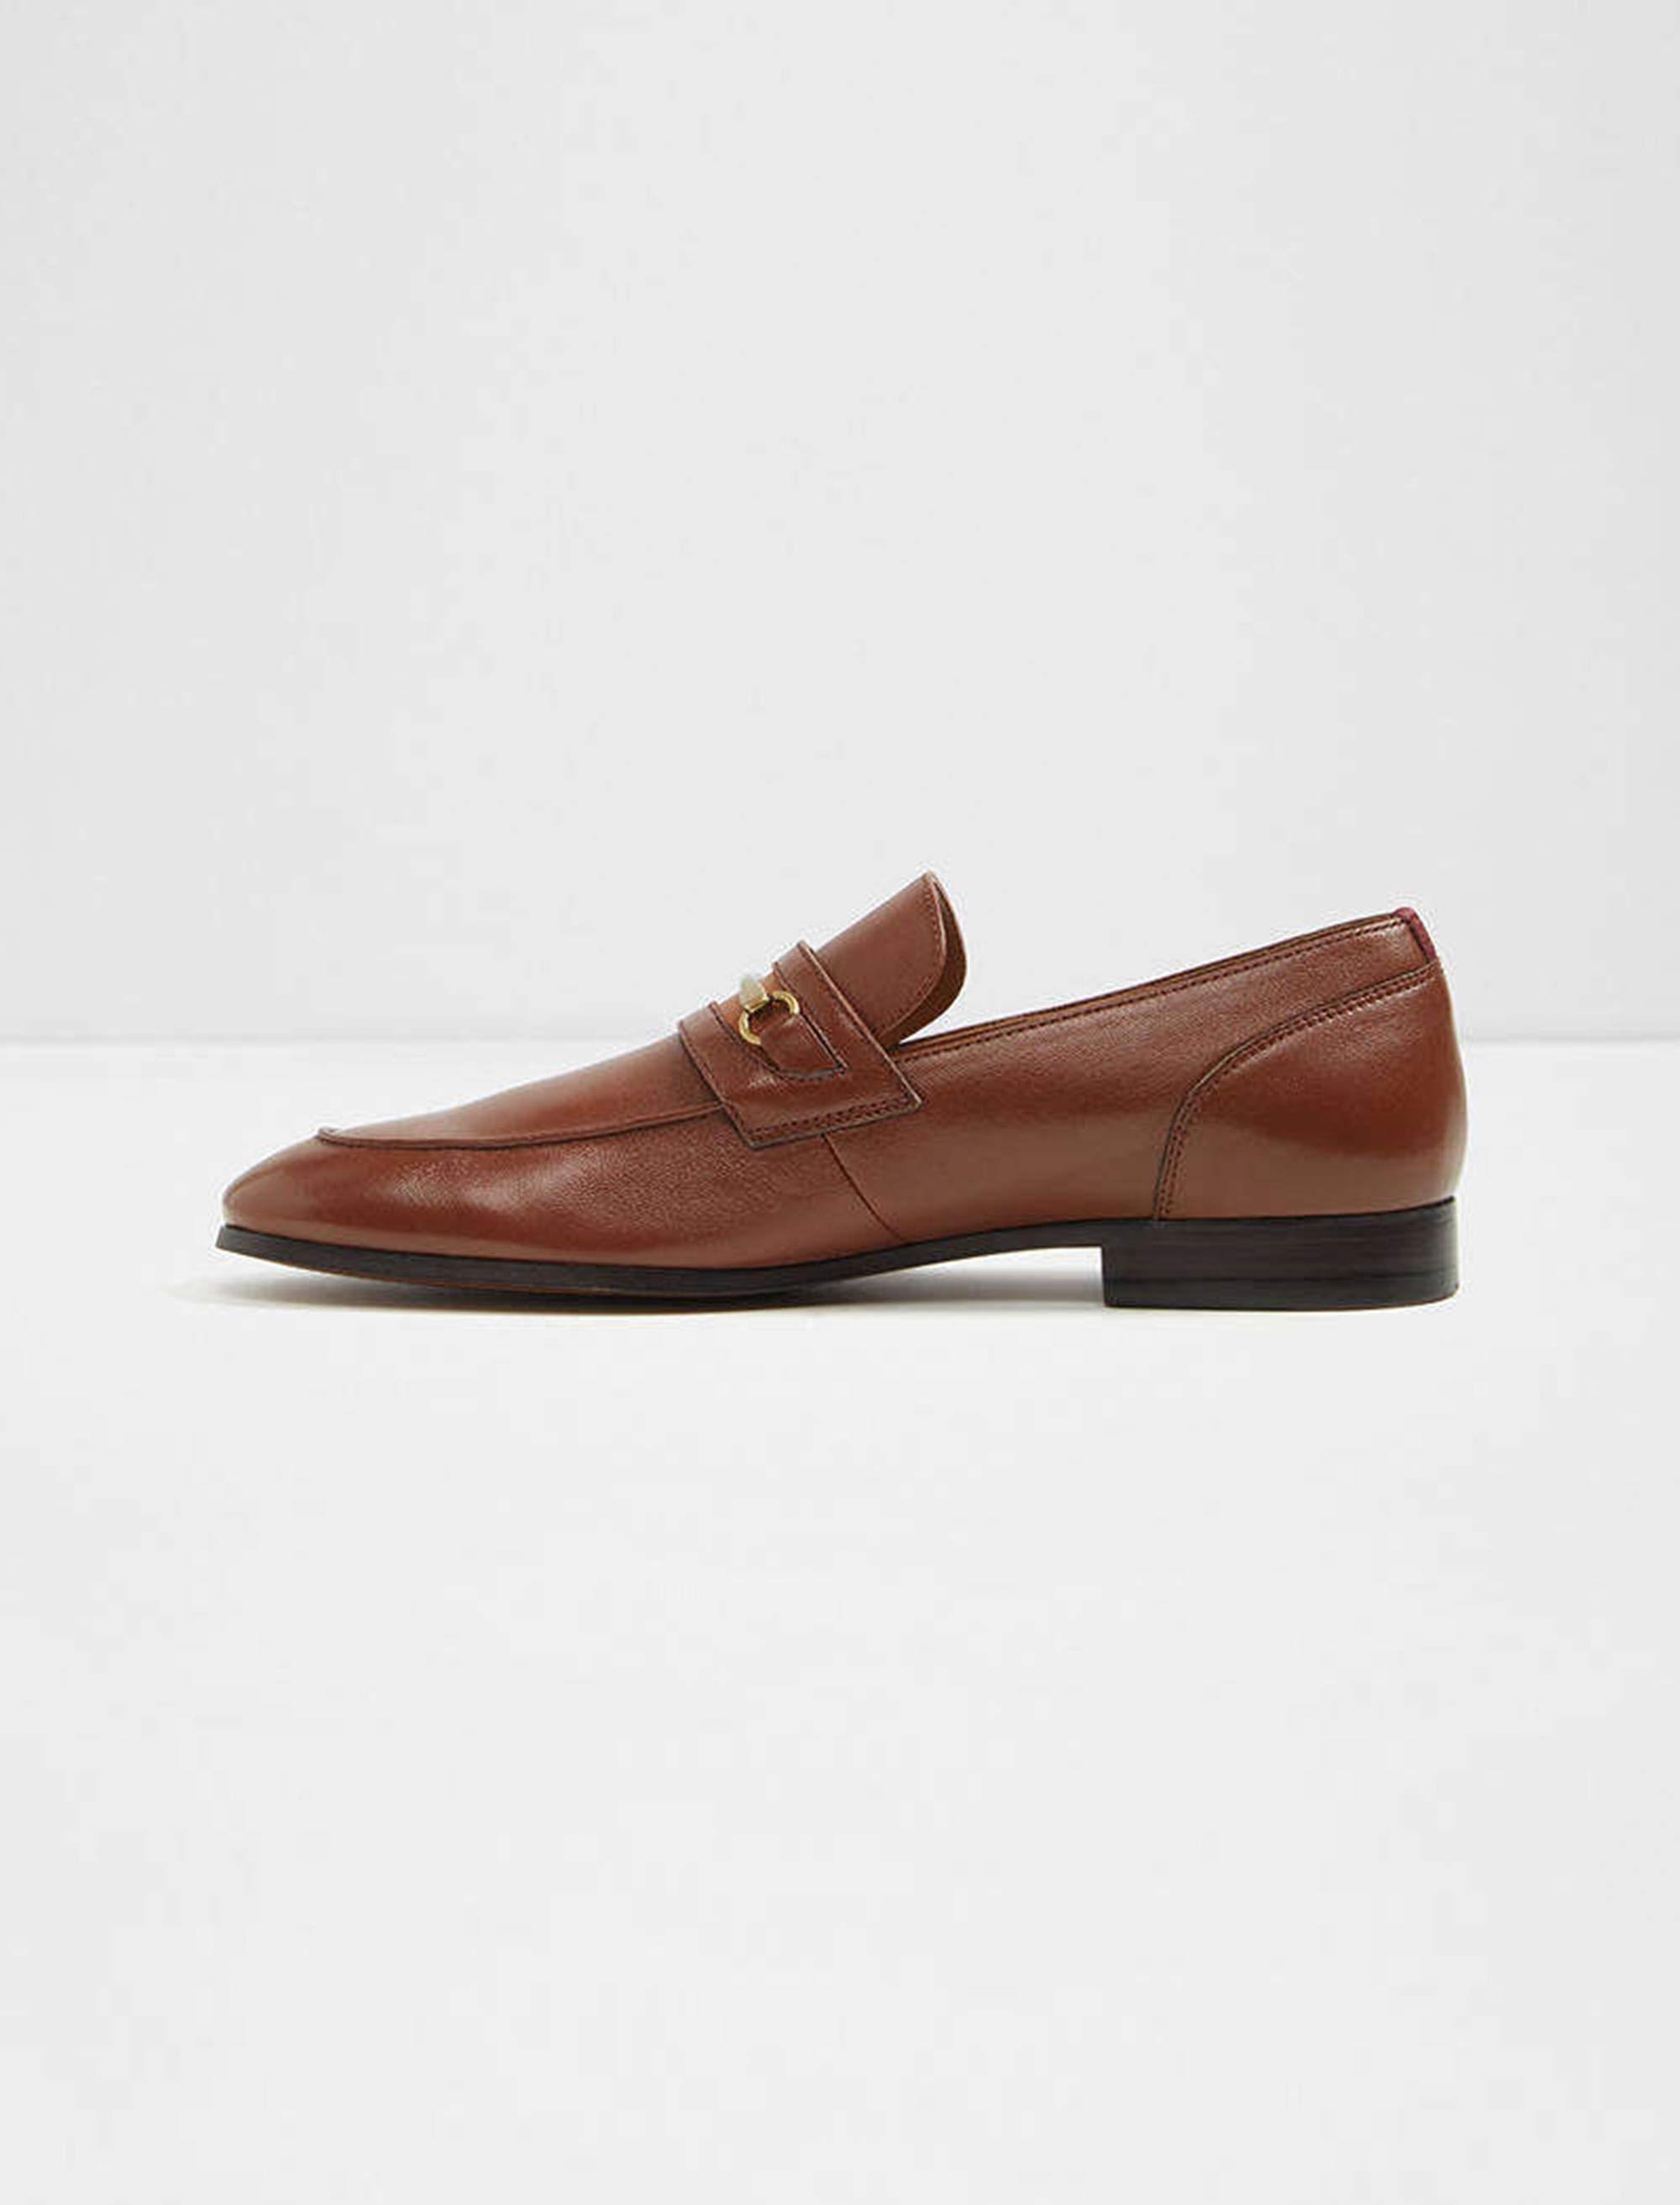 کفش اداری چرم مردانه - آلدو - قهوه اي - 2